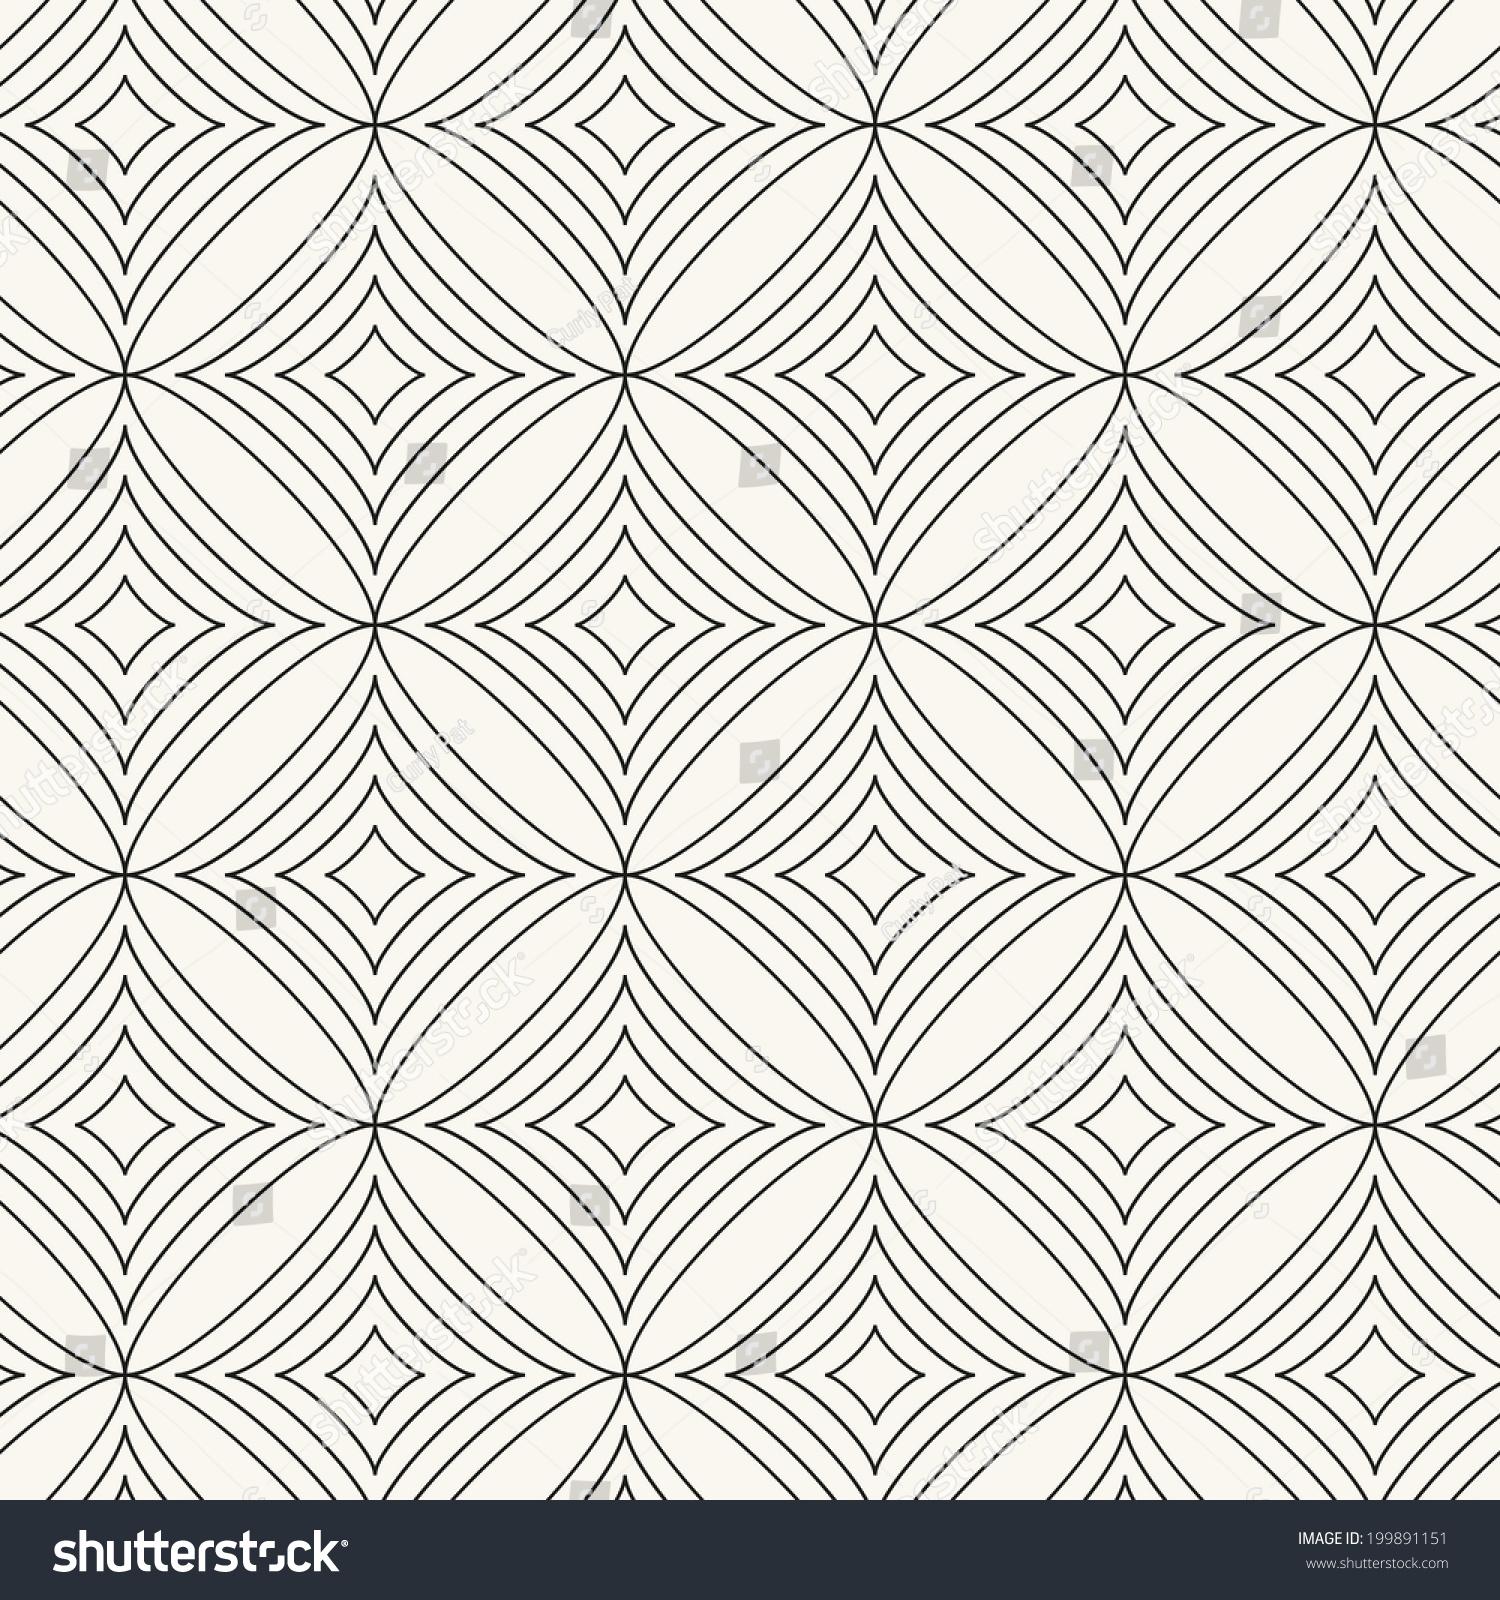 无缝的菱形图案.向量抽象背景.时尚的细胞结构